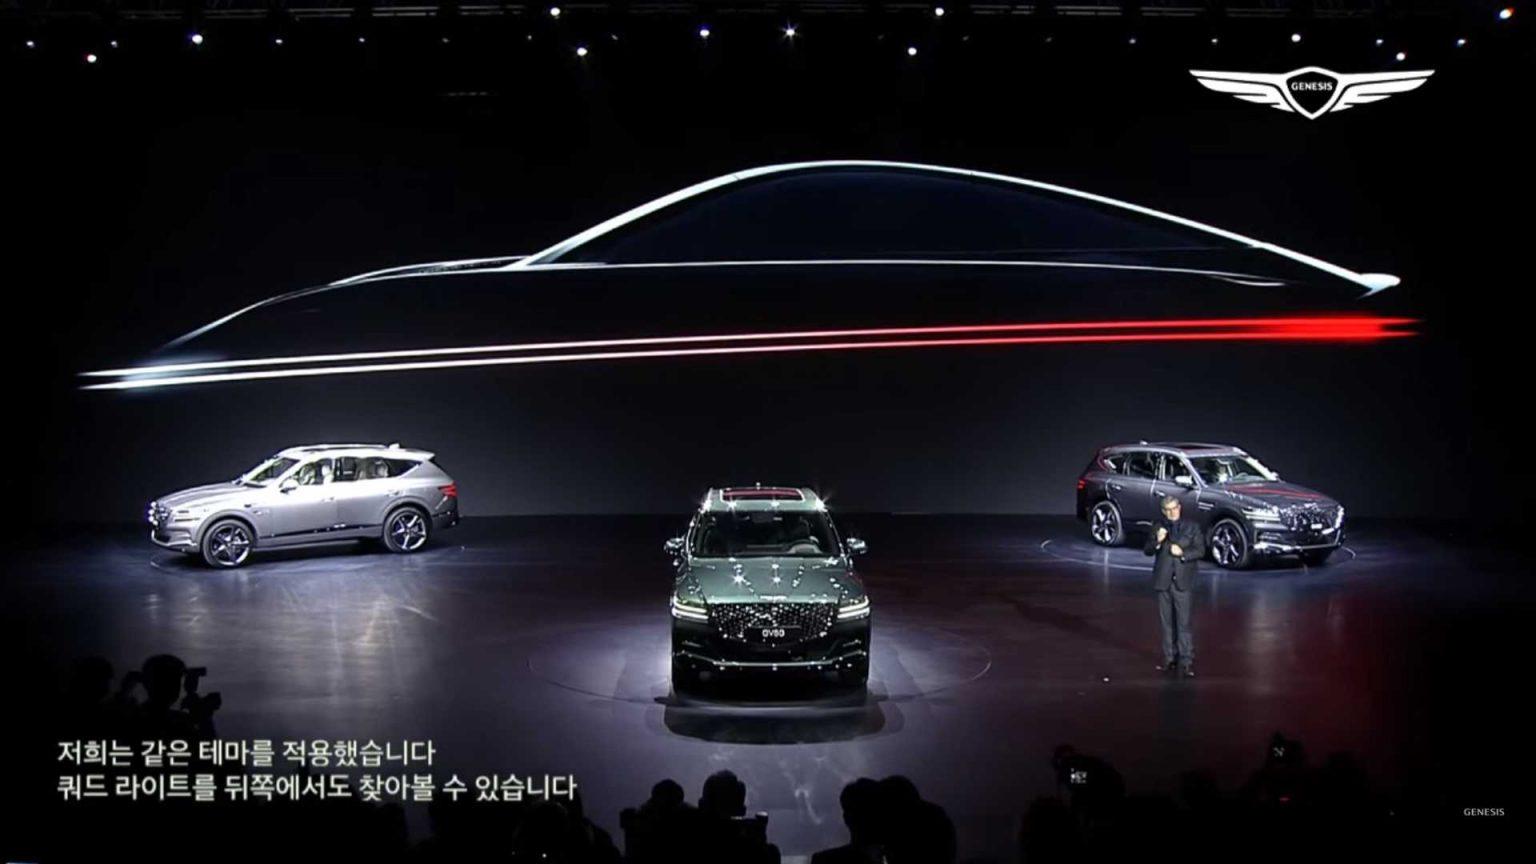 جينيسيس ستقدم 6 سيارات جديدة بحلول عام 2021